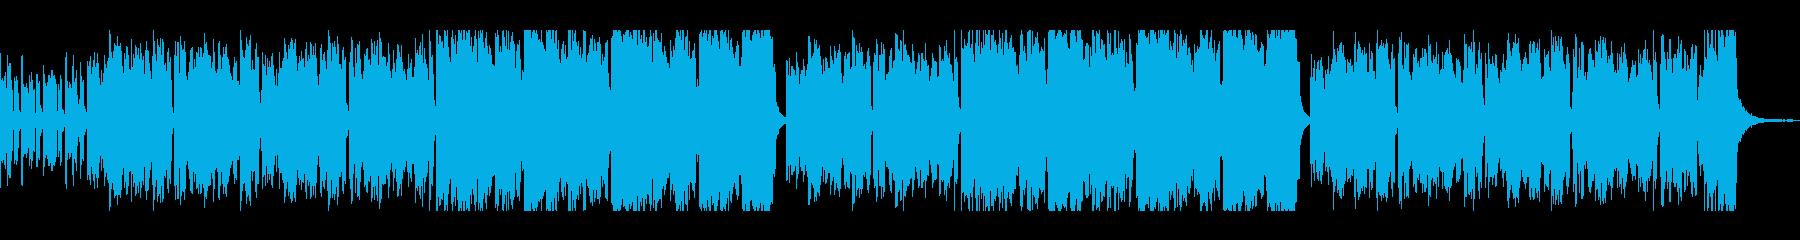 ヨーロッパ民族風BGM  アコーディオンの再生済みの波形